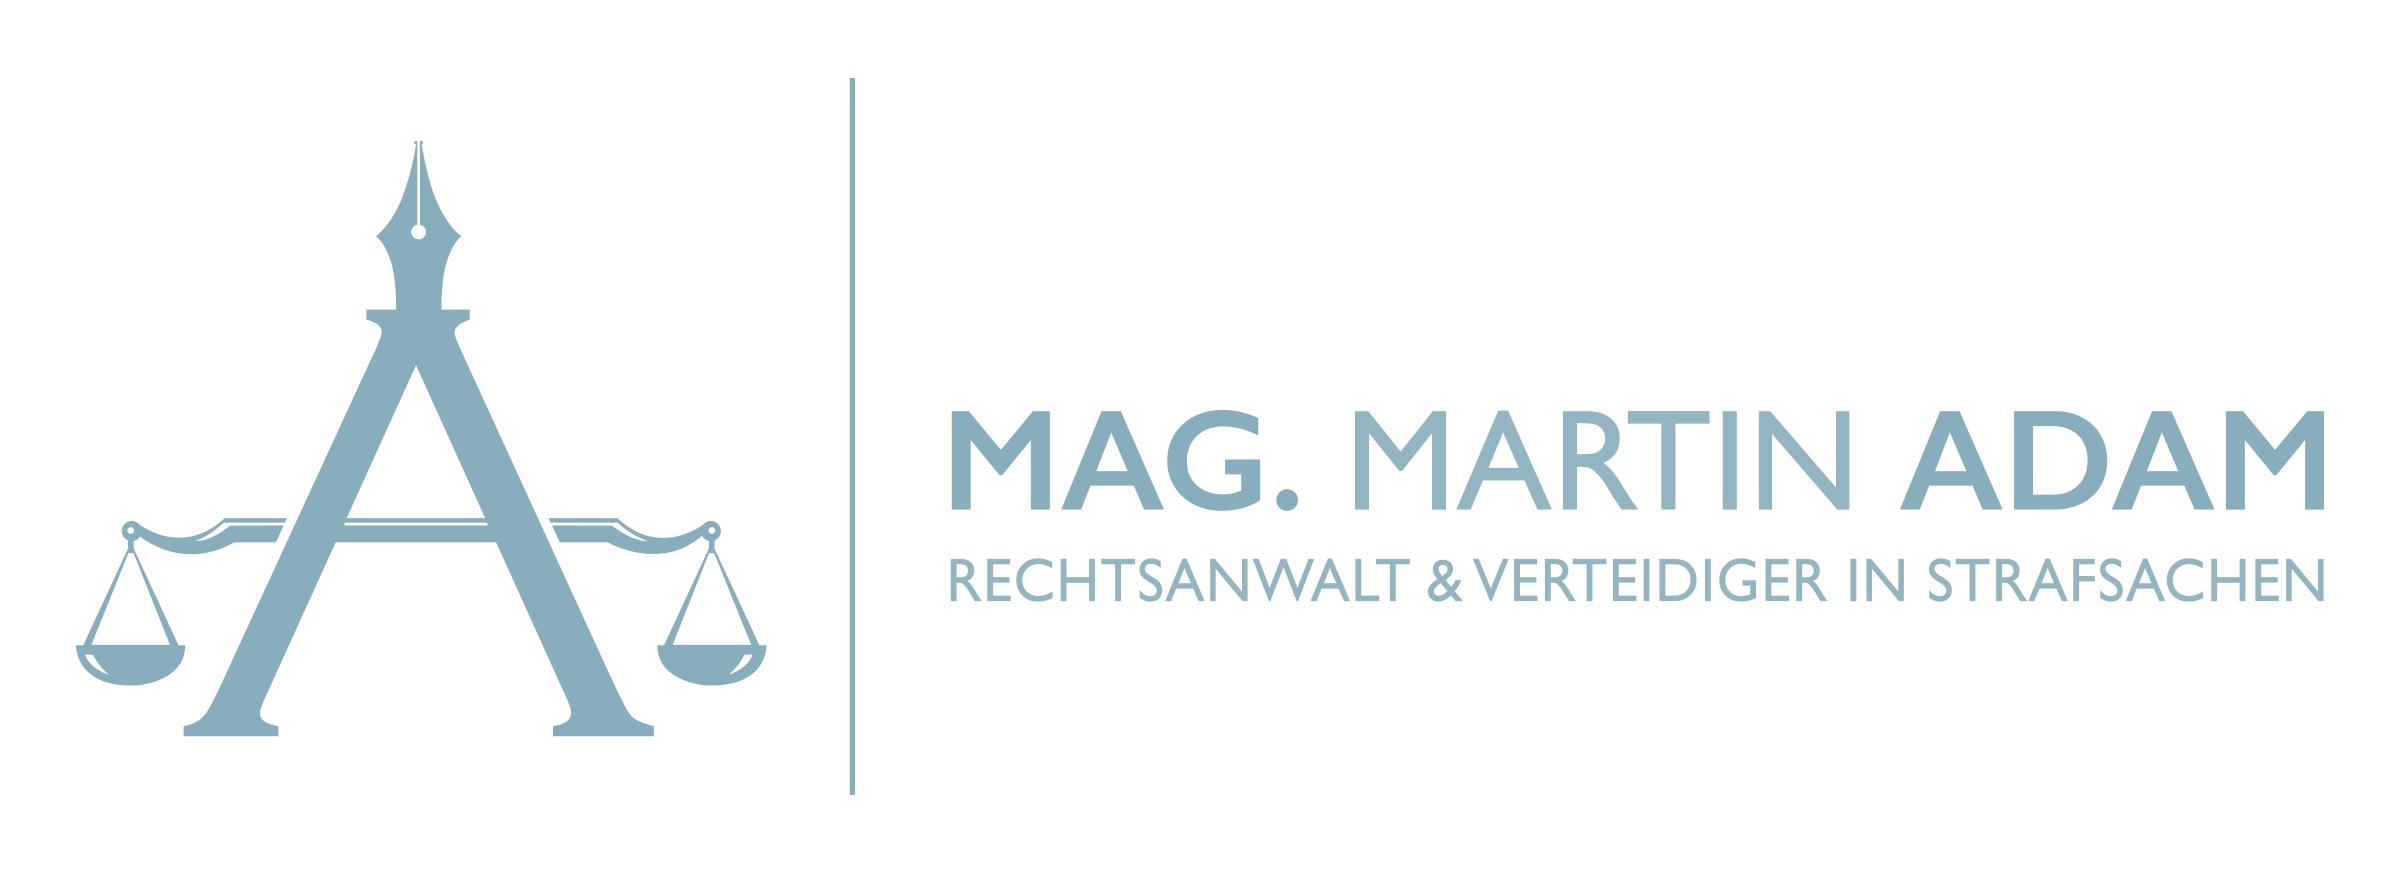 Lawer Mag. Martin Adam Logo Deutsch